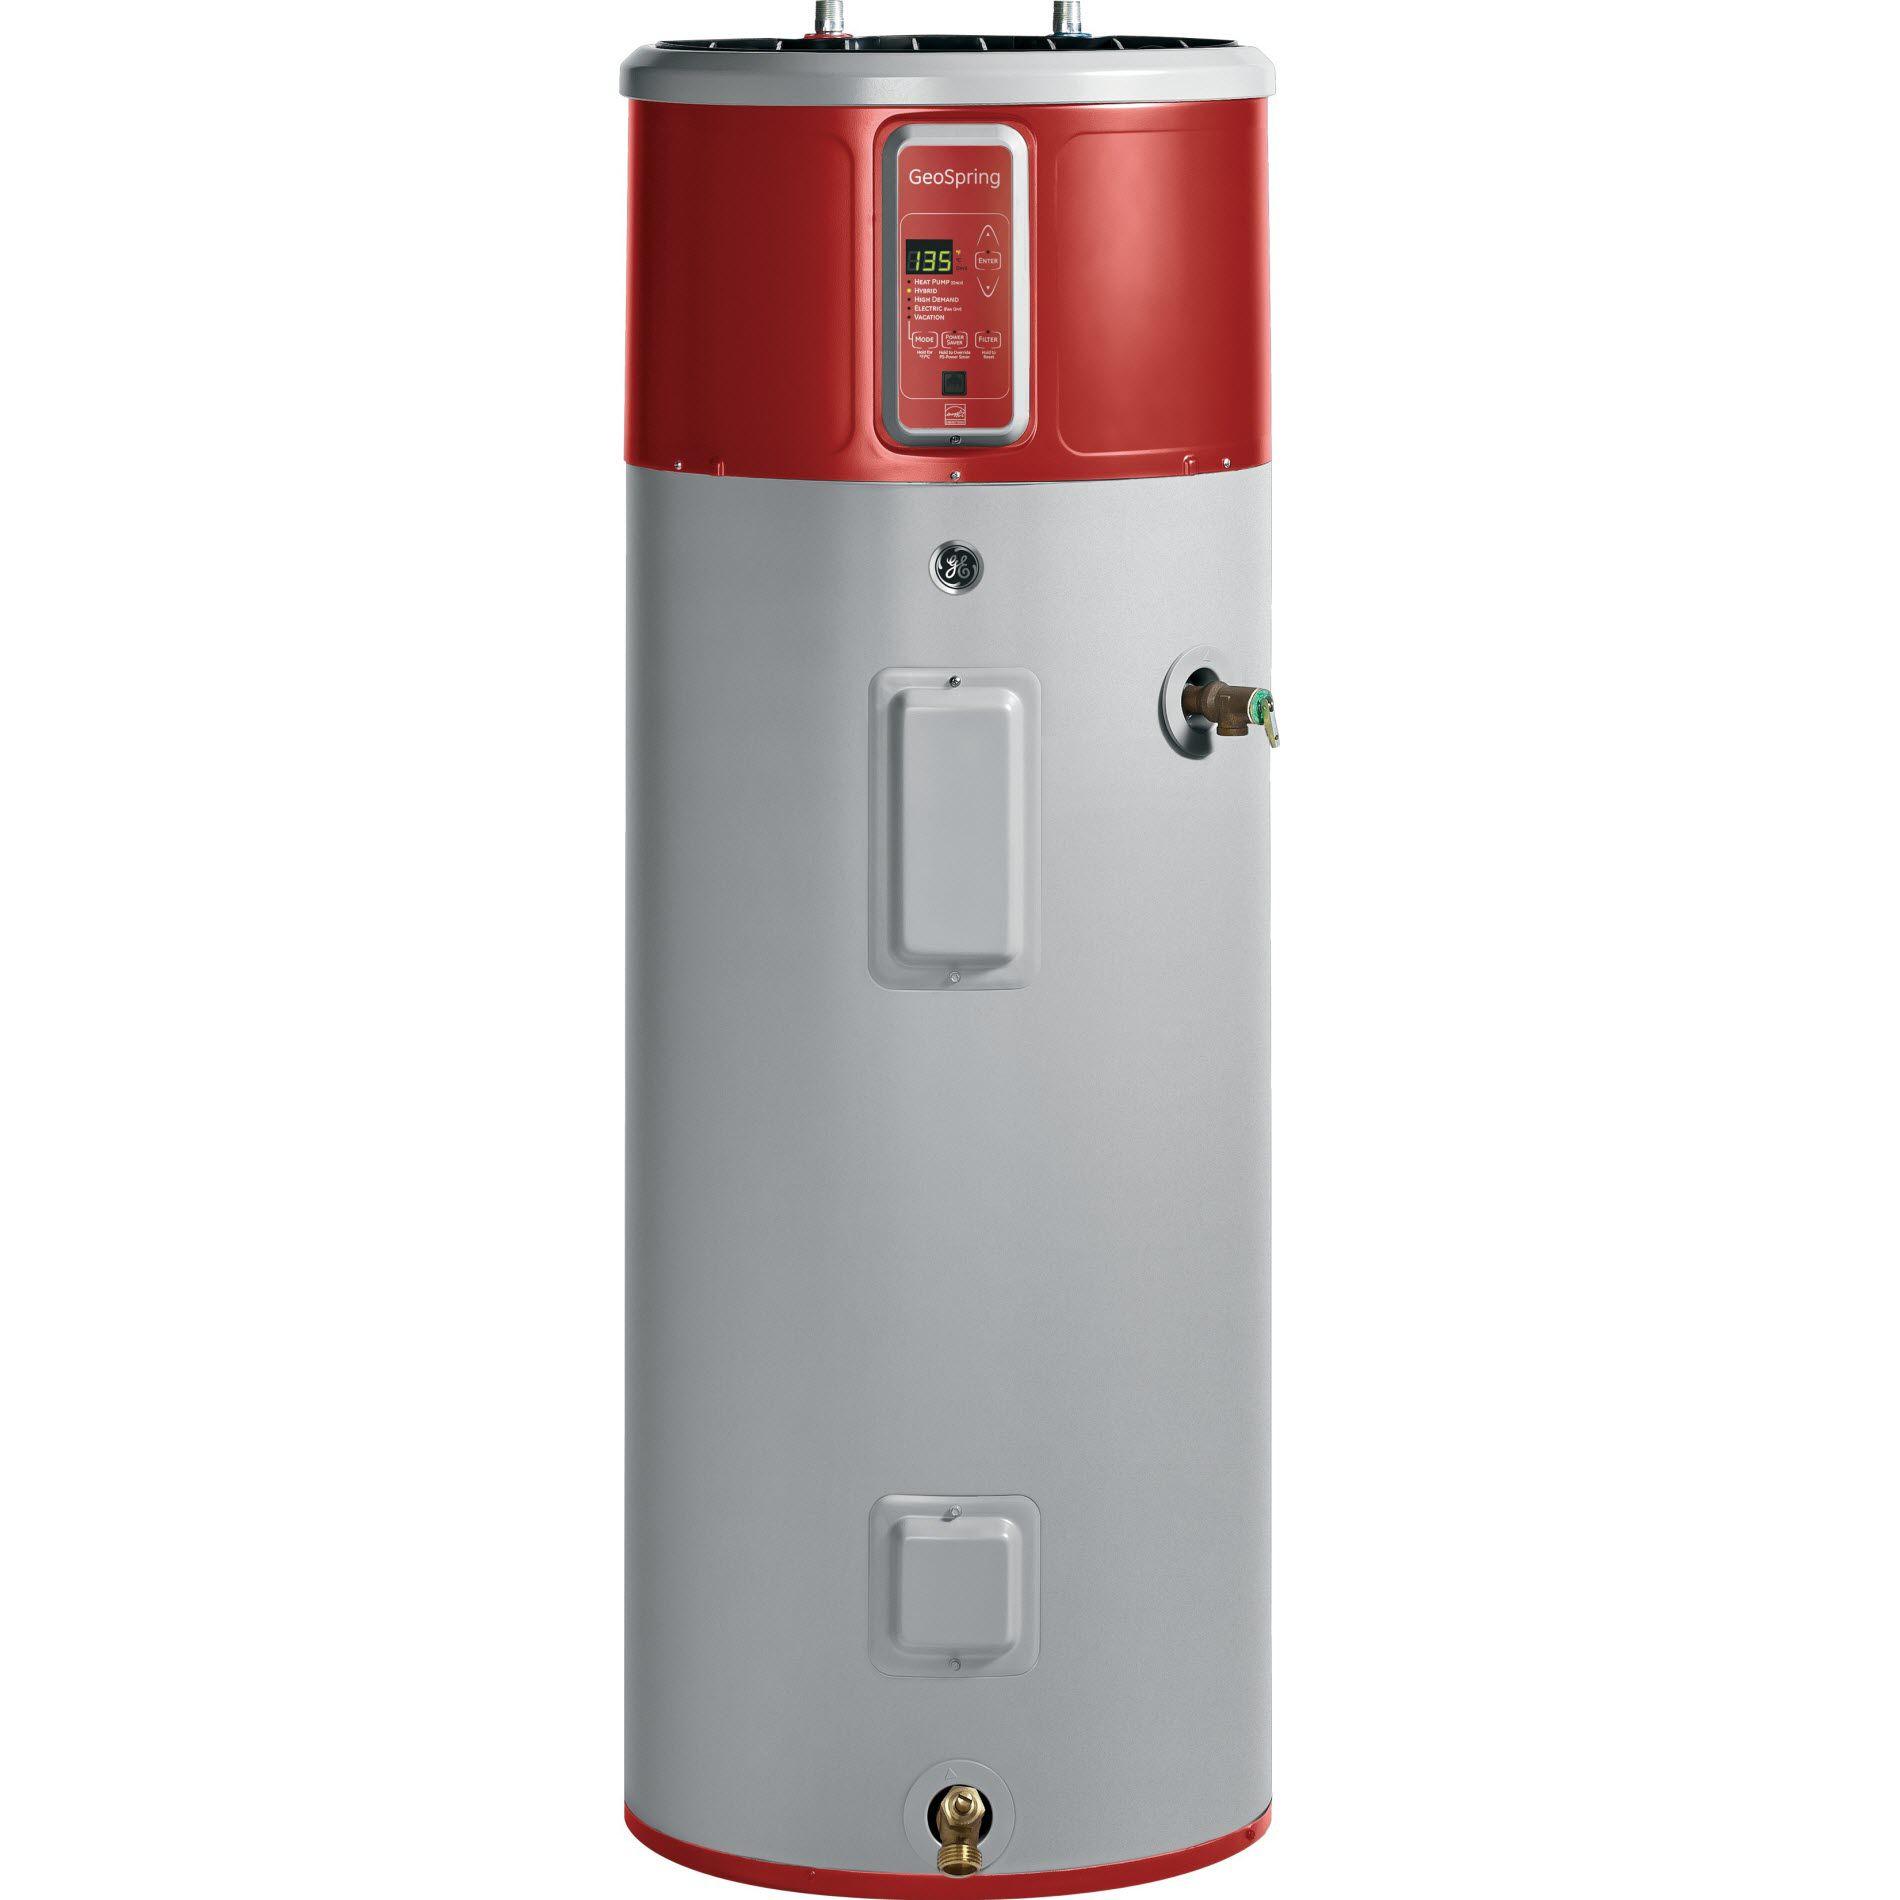 Ge Geospring 50 Gal Hybrid Electric Heat Pump Water